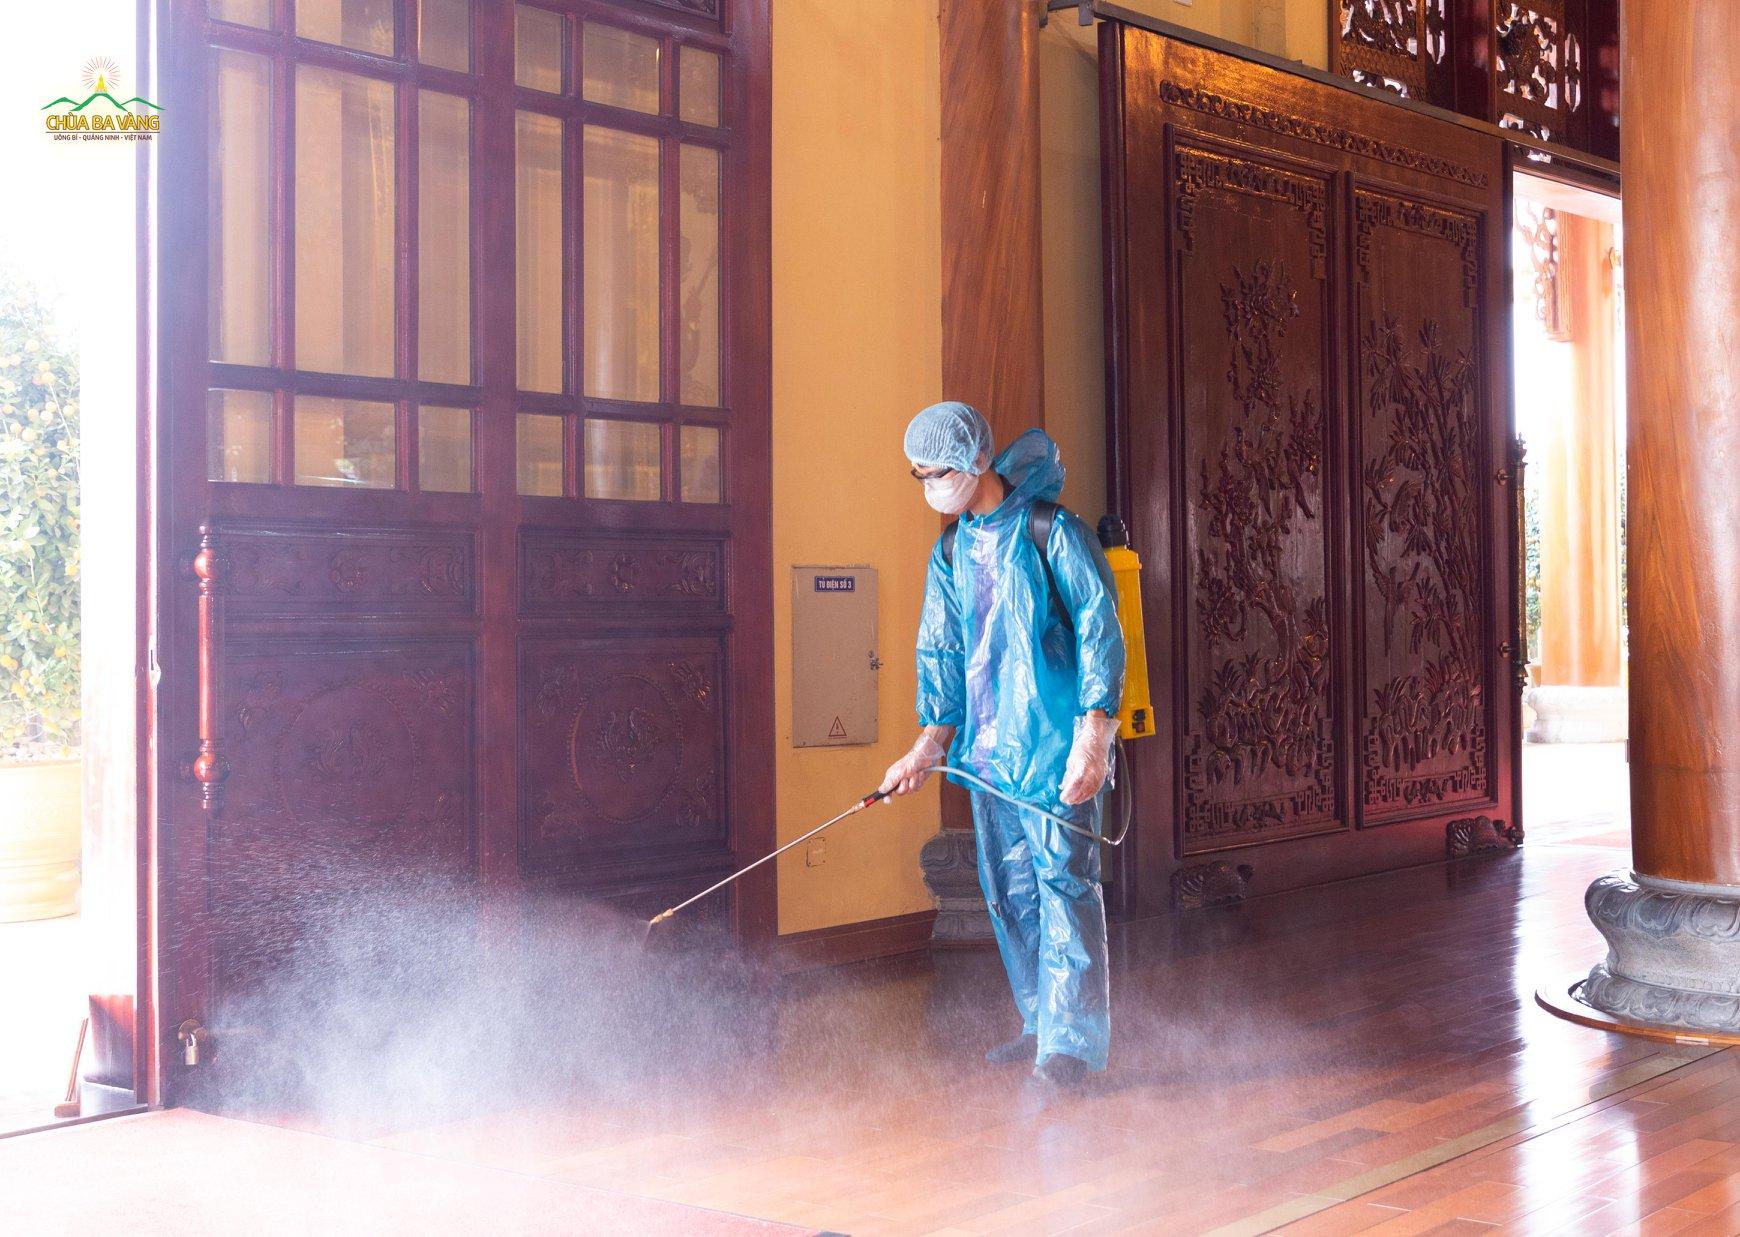 Phật tử phun thuốc khử trùng tại khu vực chính điện